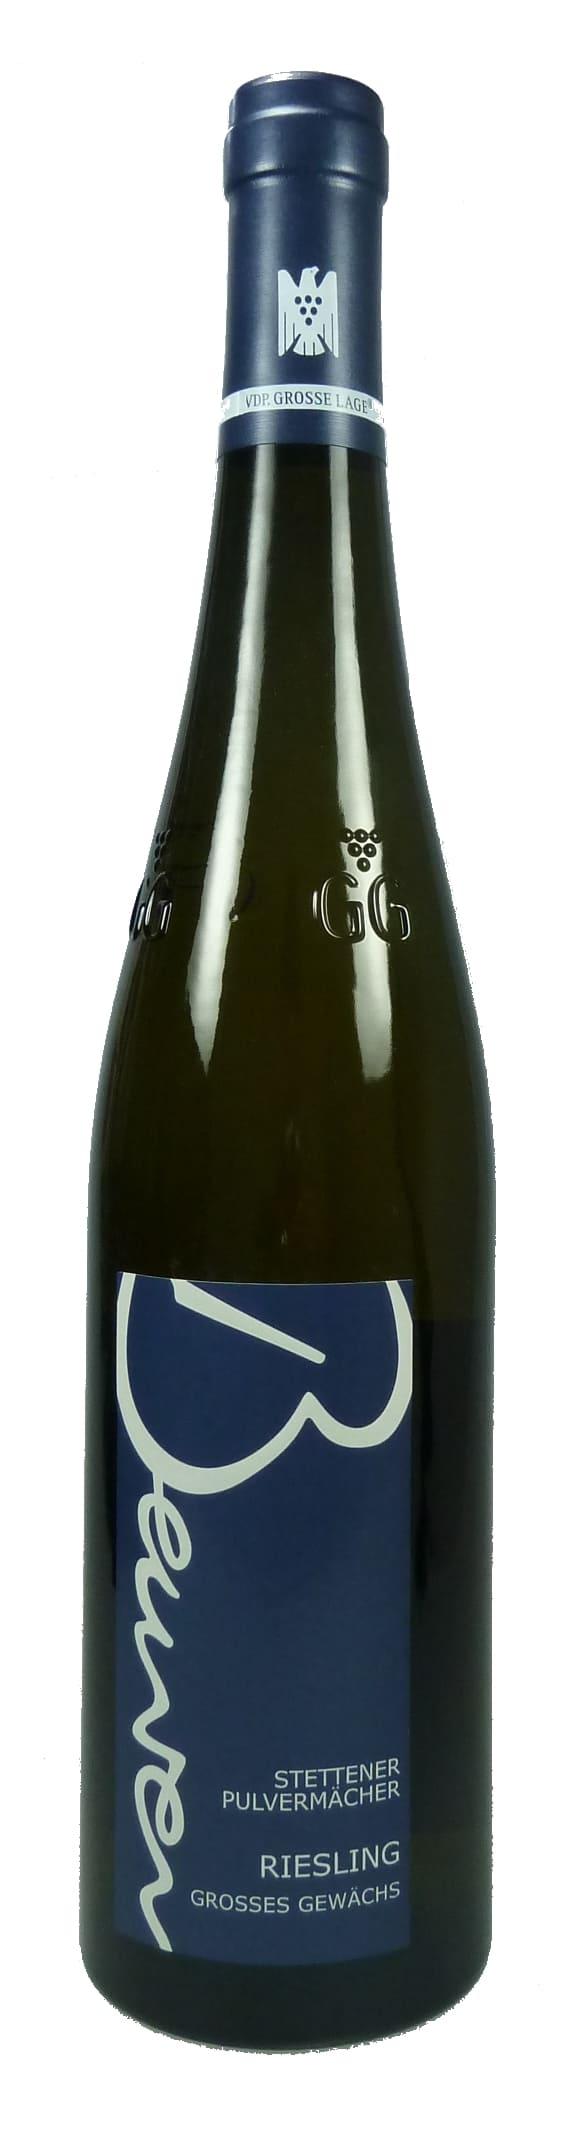 Stettener Pulvermächer Rittersberg Riesling Großes Gewächs Qualitätswein trocken 2015